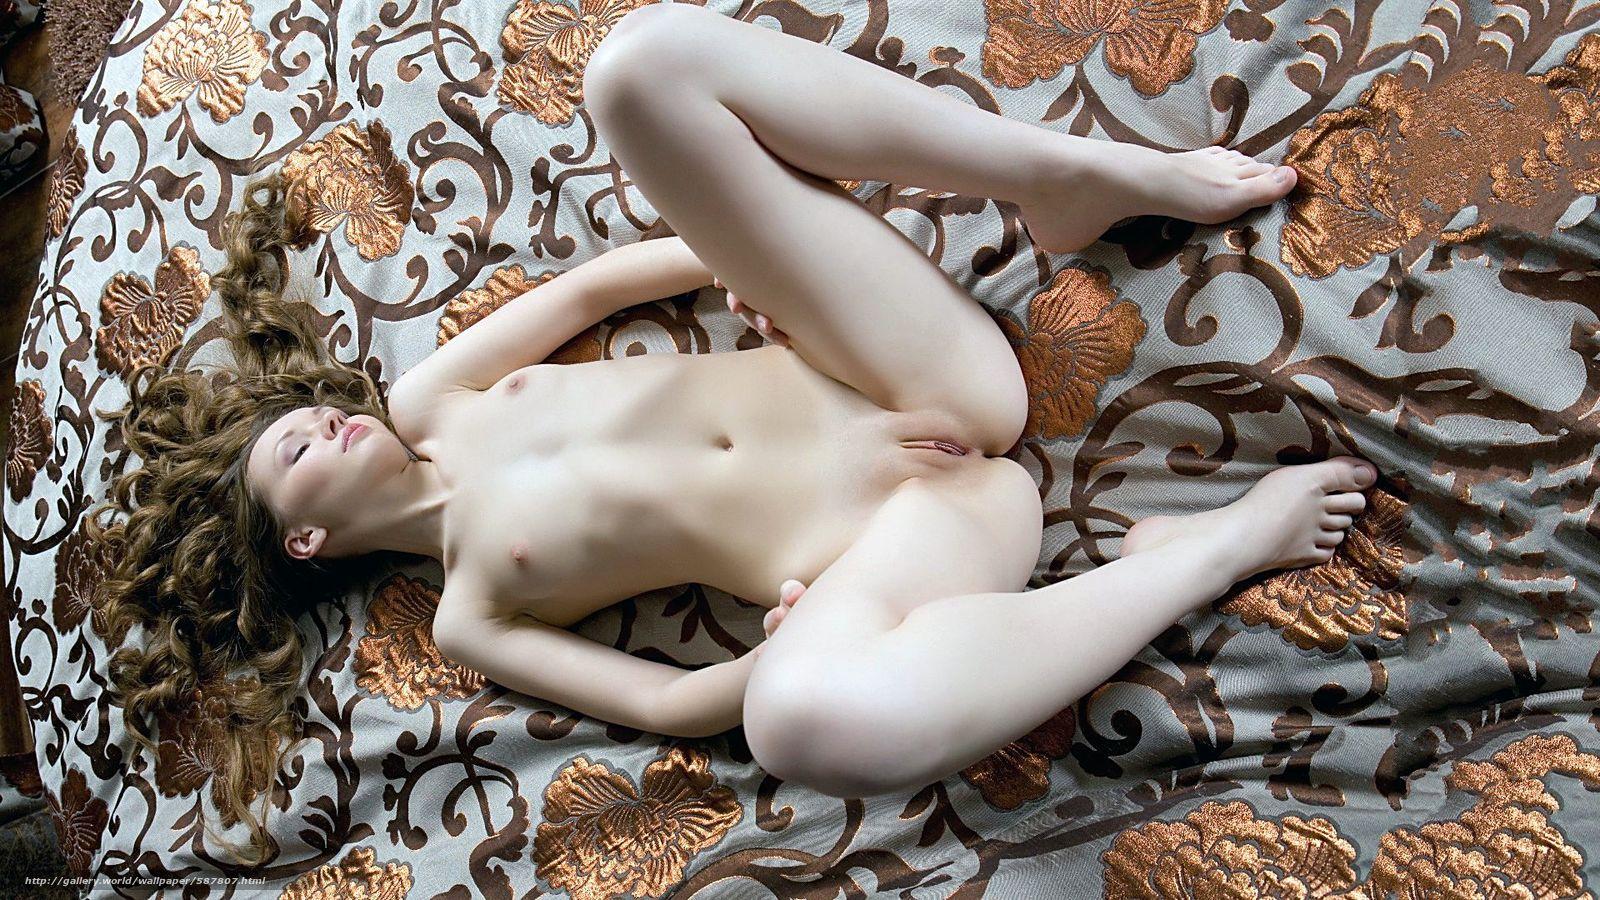 fotooboi-erotika-arhiv